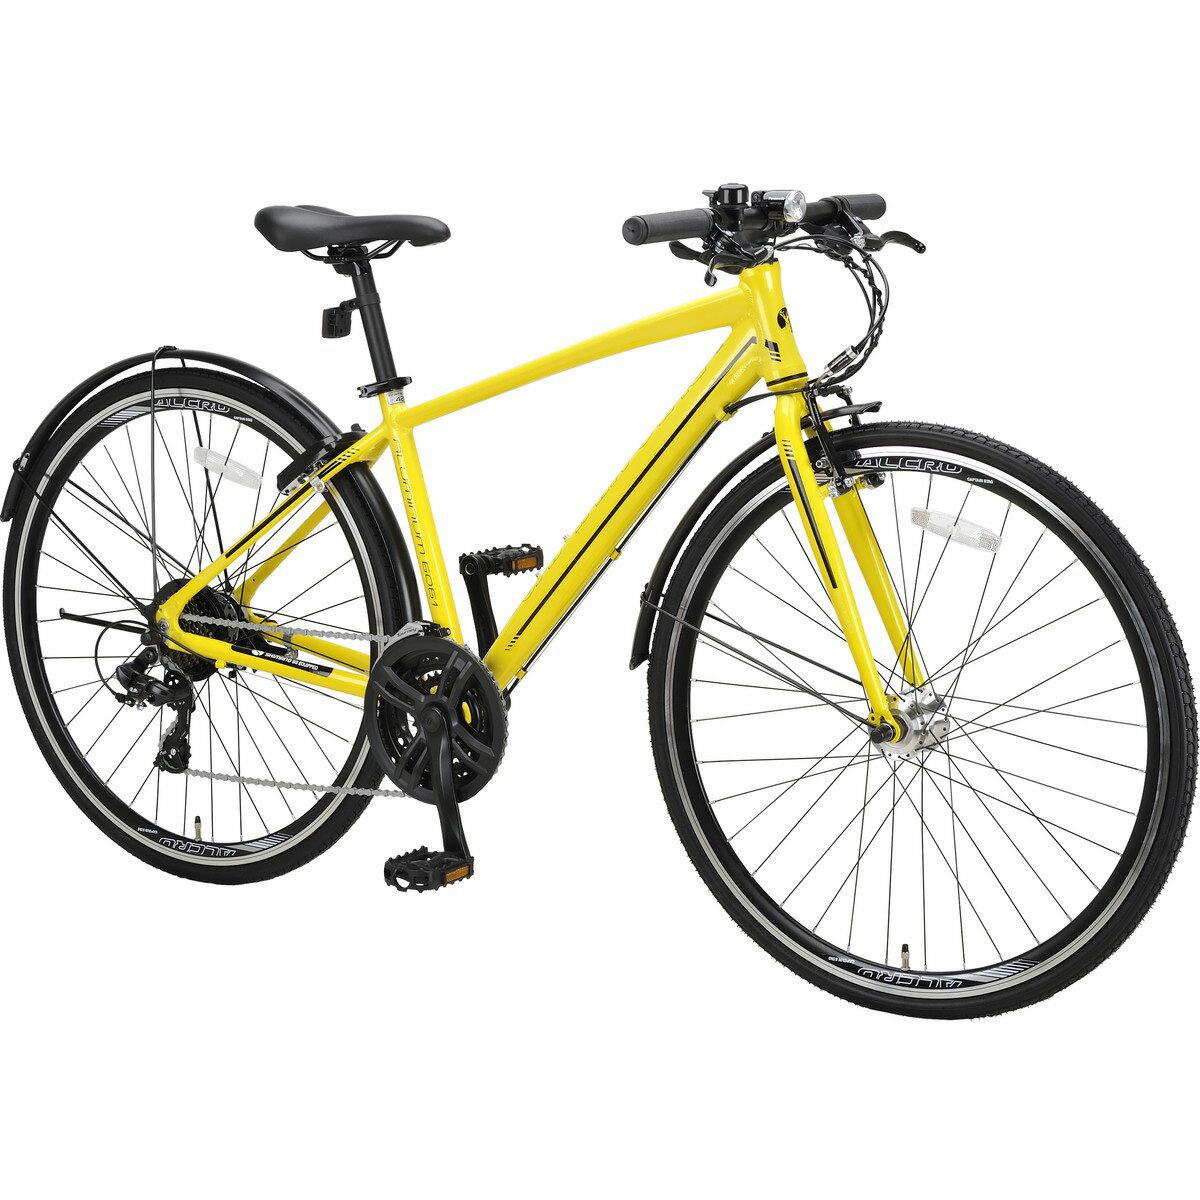 自転車・サイクリング, クロスバイク (CAPTAIN STAG) L70021AT482 YEL YG-1284